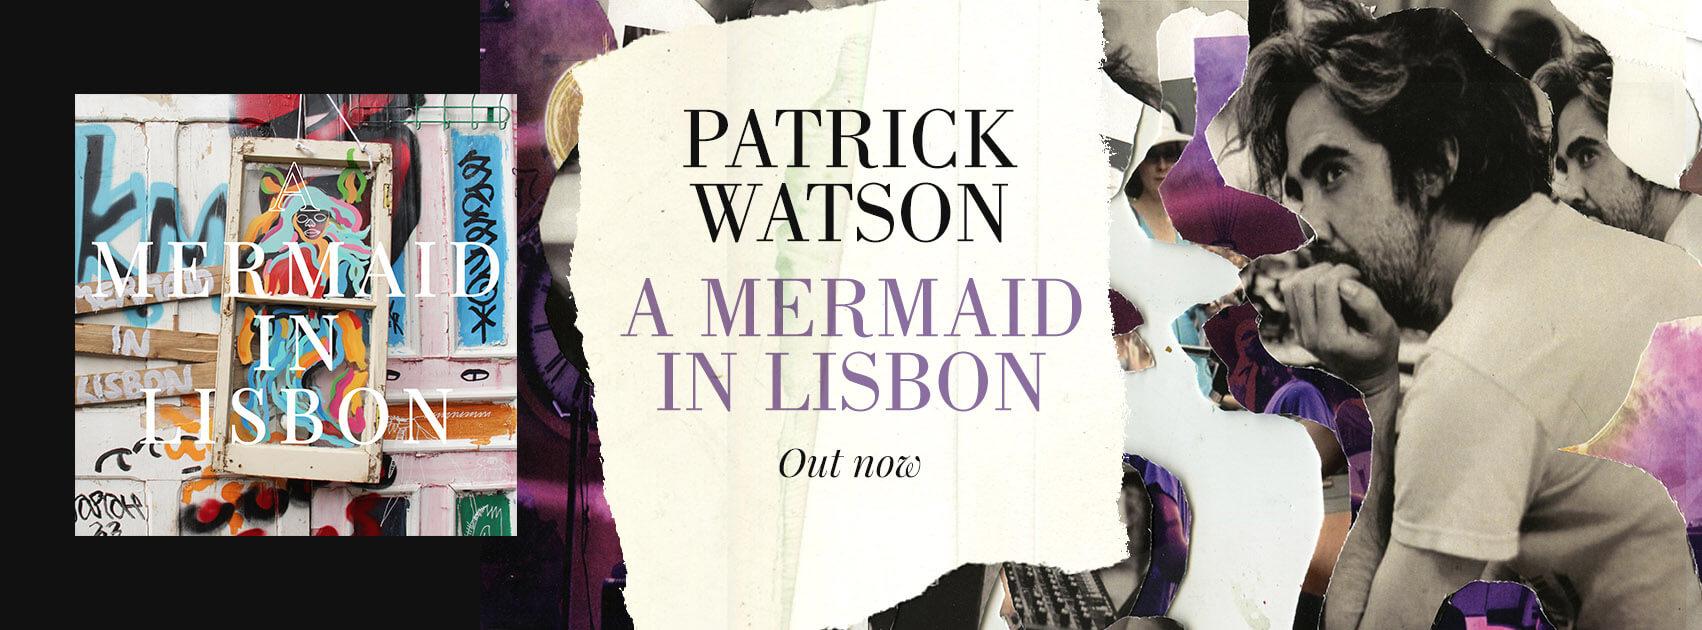 PatrickWatson-Mermaid-SCRWebsite-EN